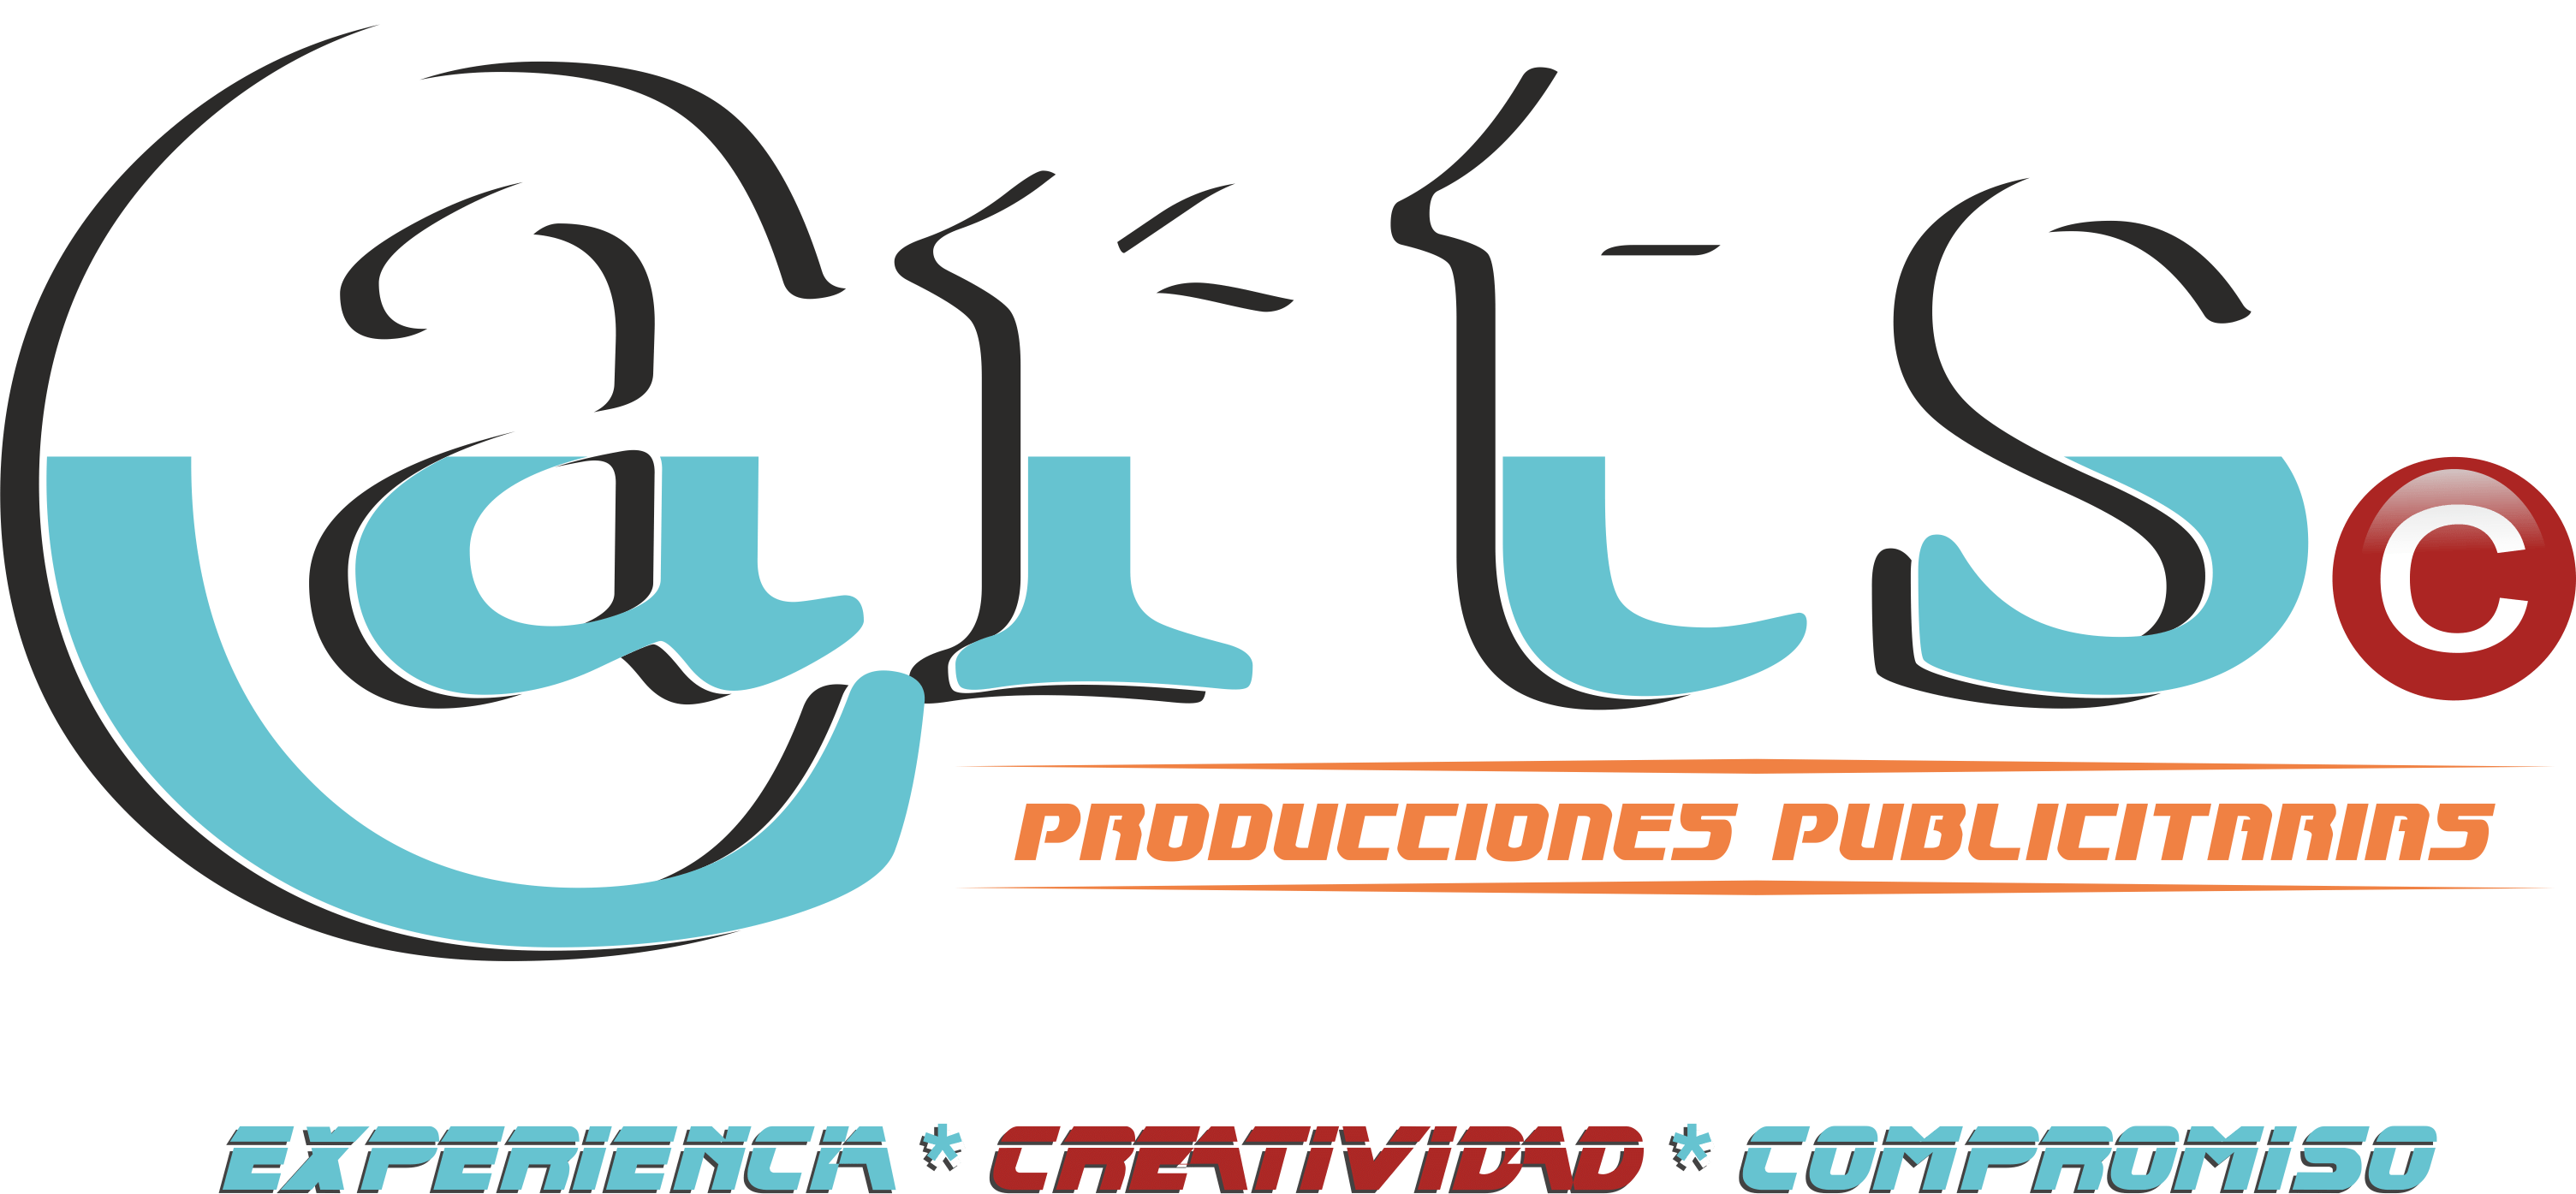 CARTS PRODUCCIONES